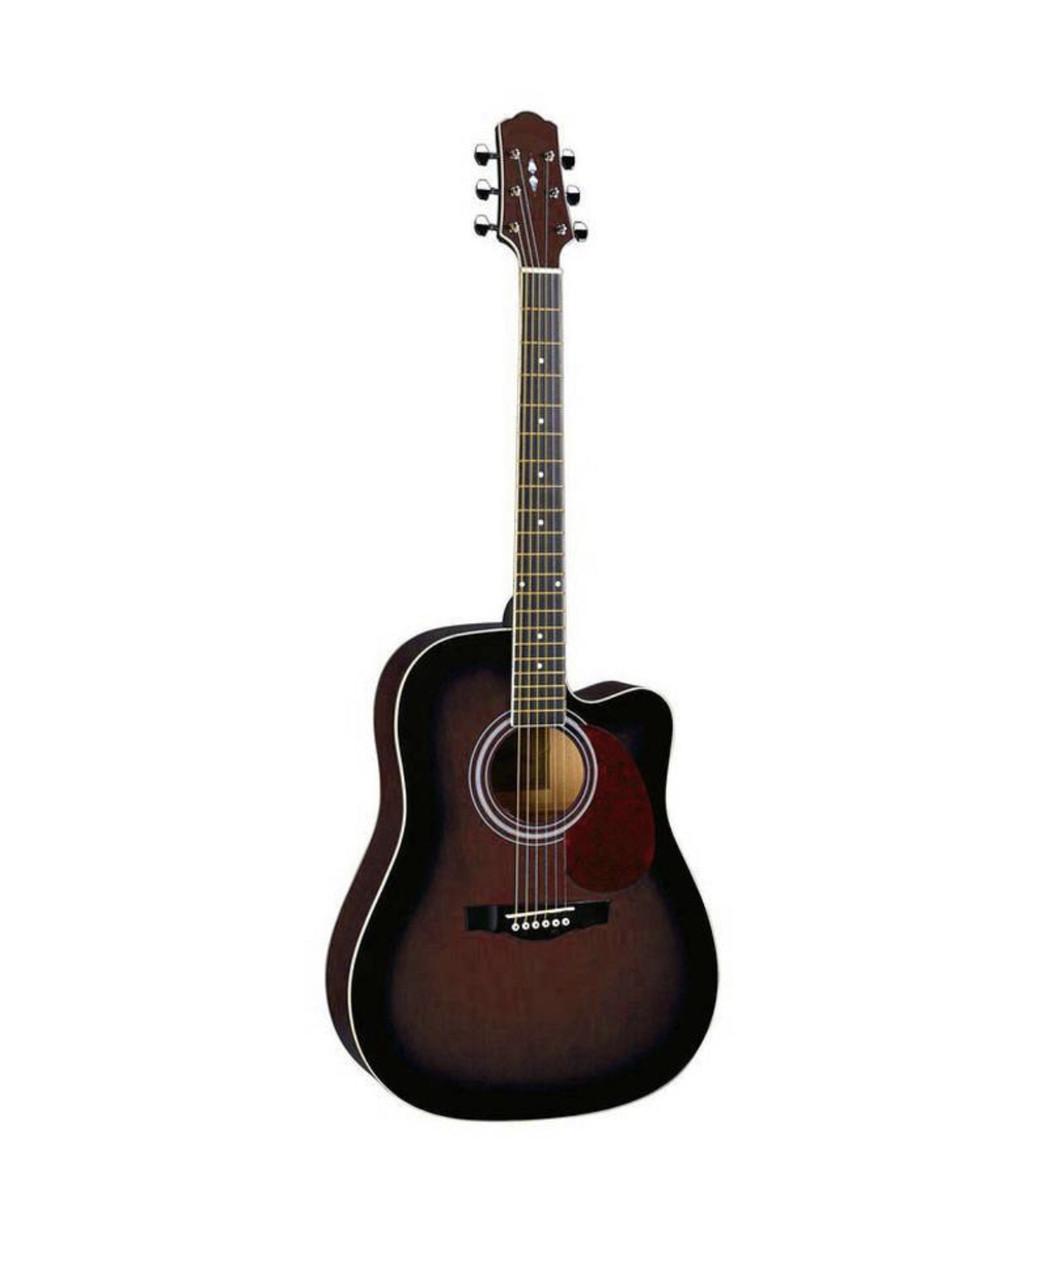 Акустическая гитара с вырезом Naranda DG120CWRS